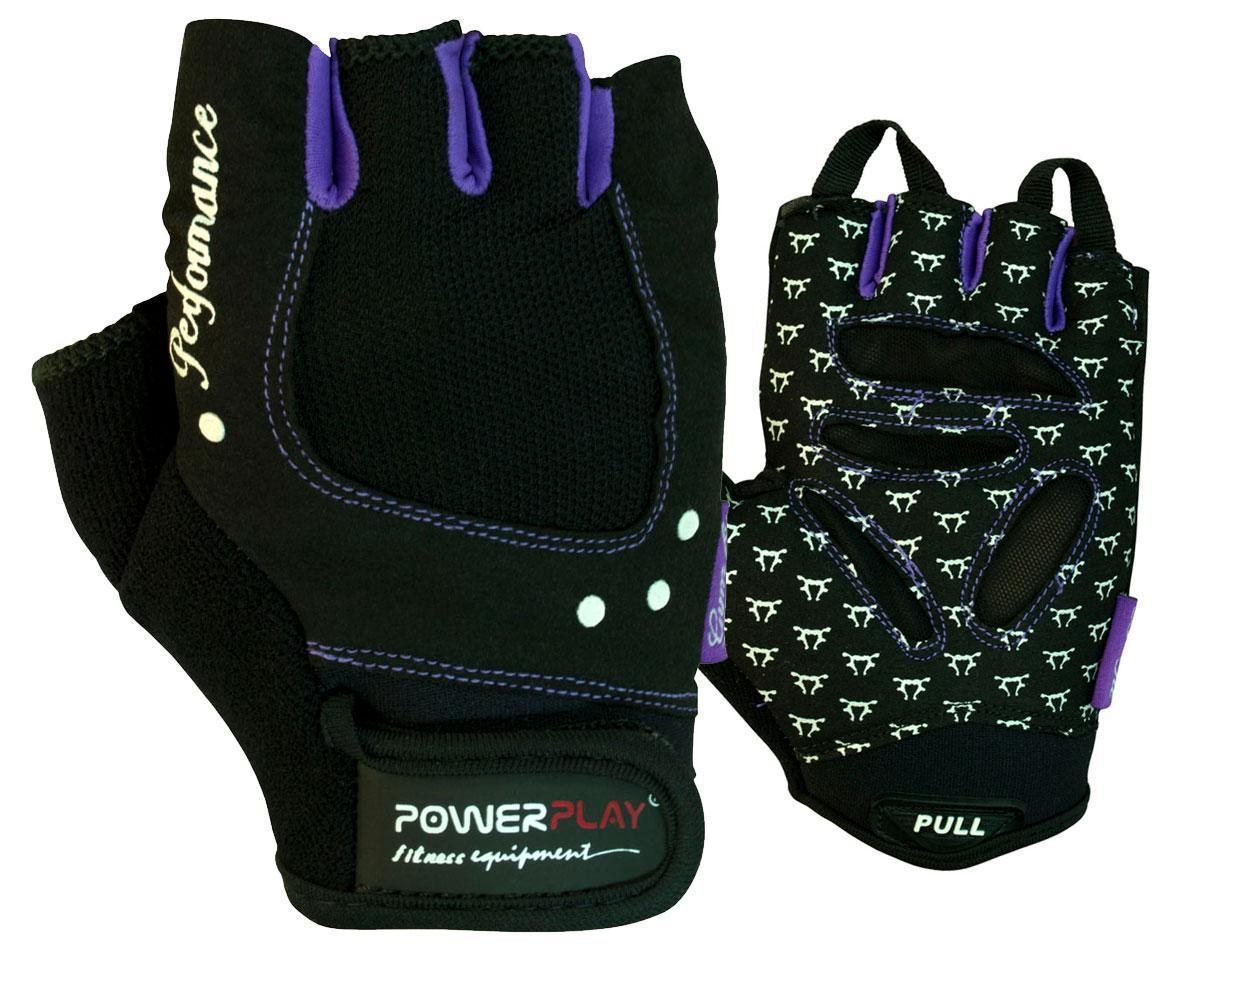 Рукавички для фітнесу PowerPlay 1751 жіночі Чорно-Фіолетові XS